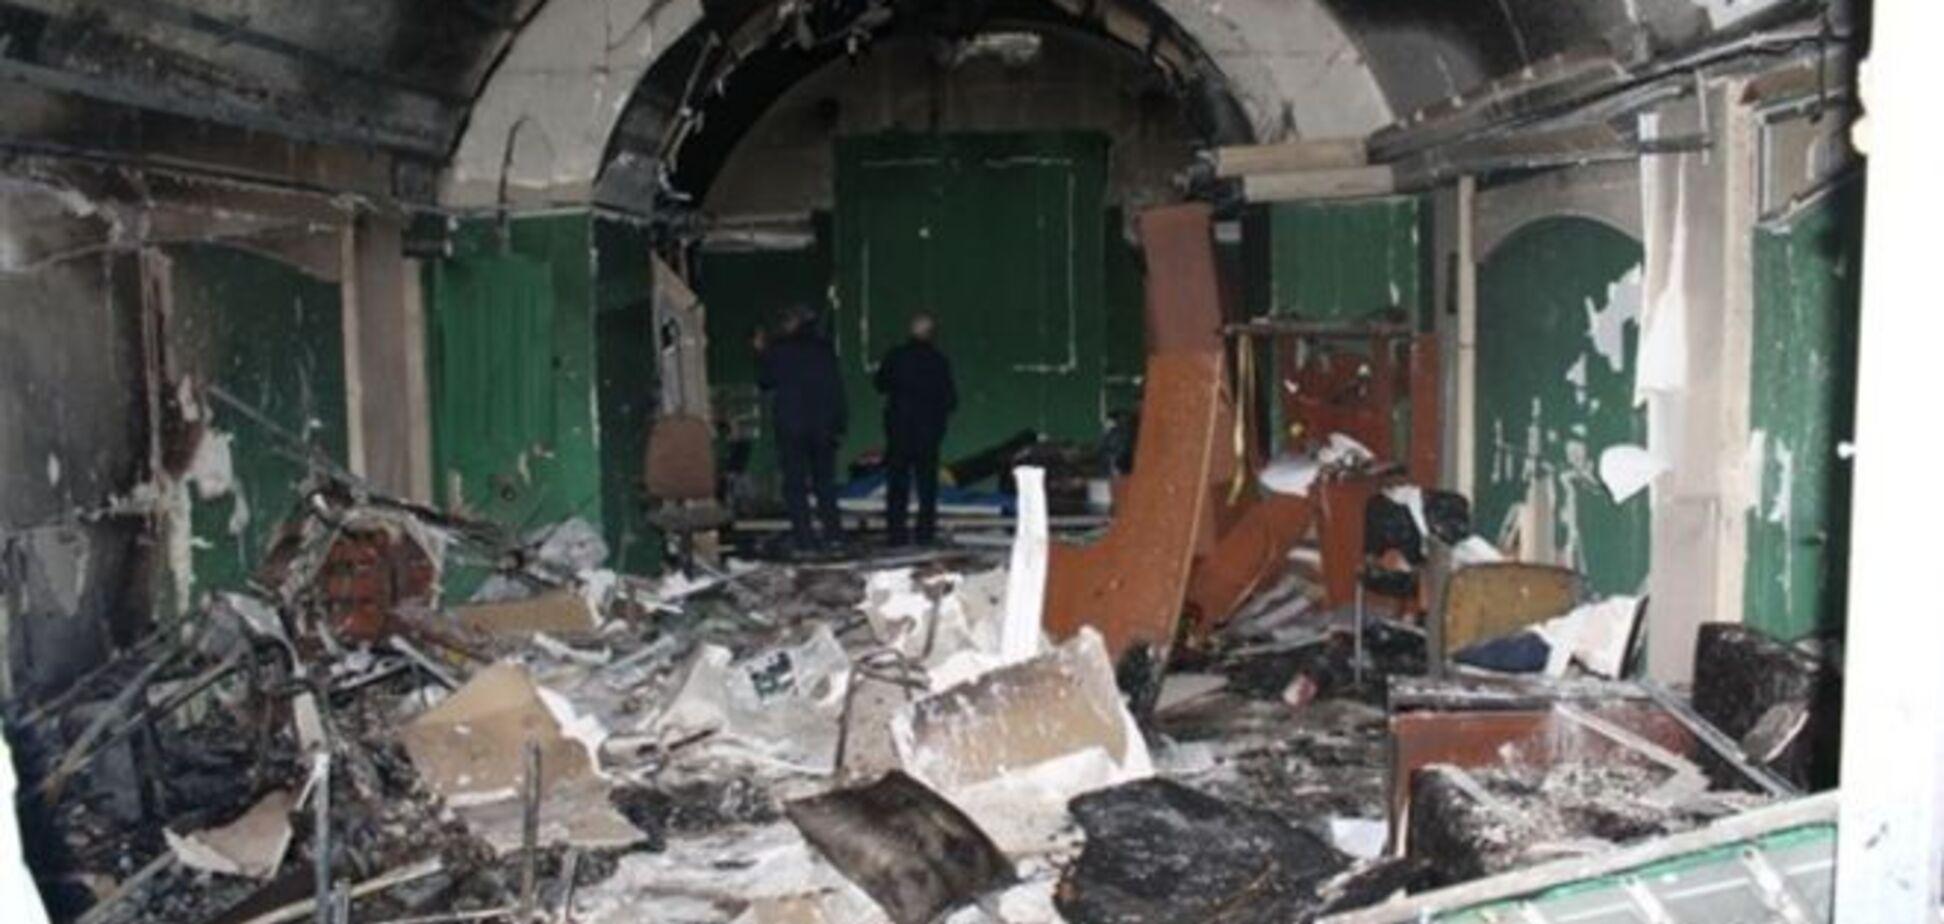 Взрыв в Сумах. В МВД назвали версии происшествия: опубликованы новые фото и видео